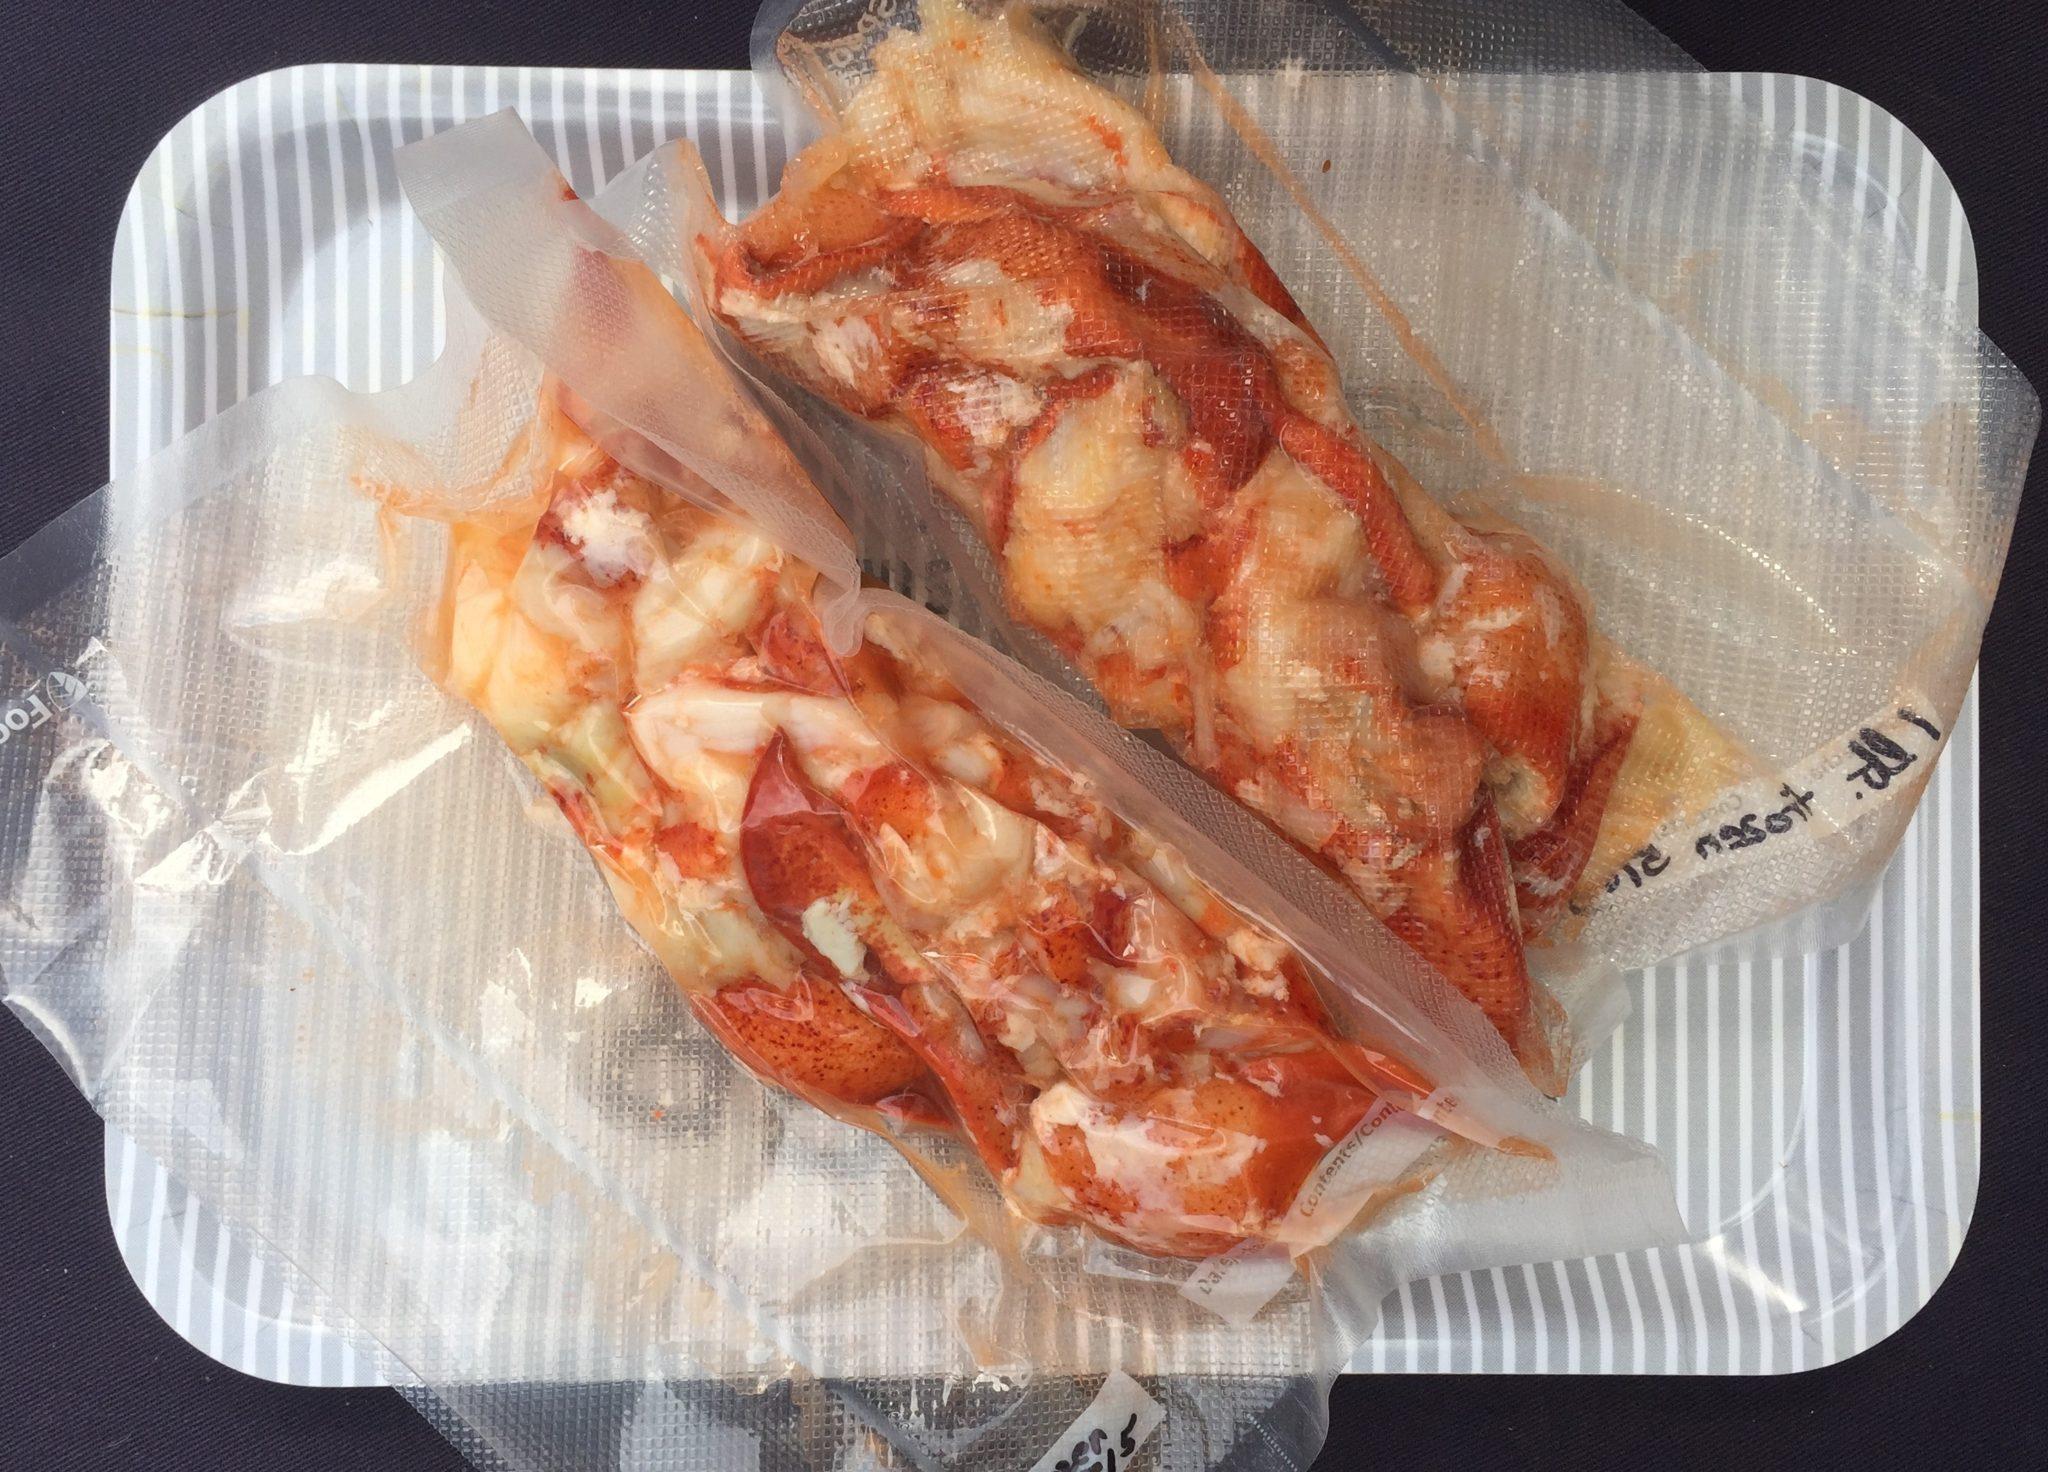 Frozen Lobster meat